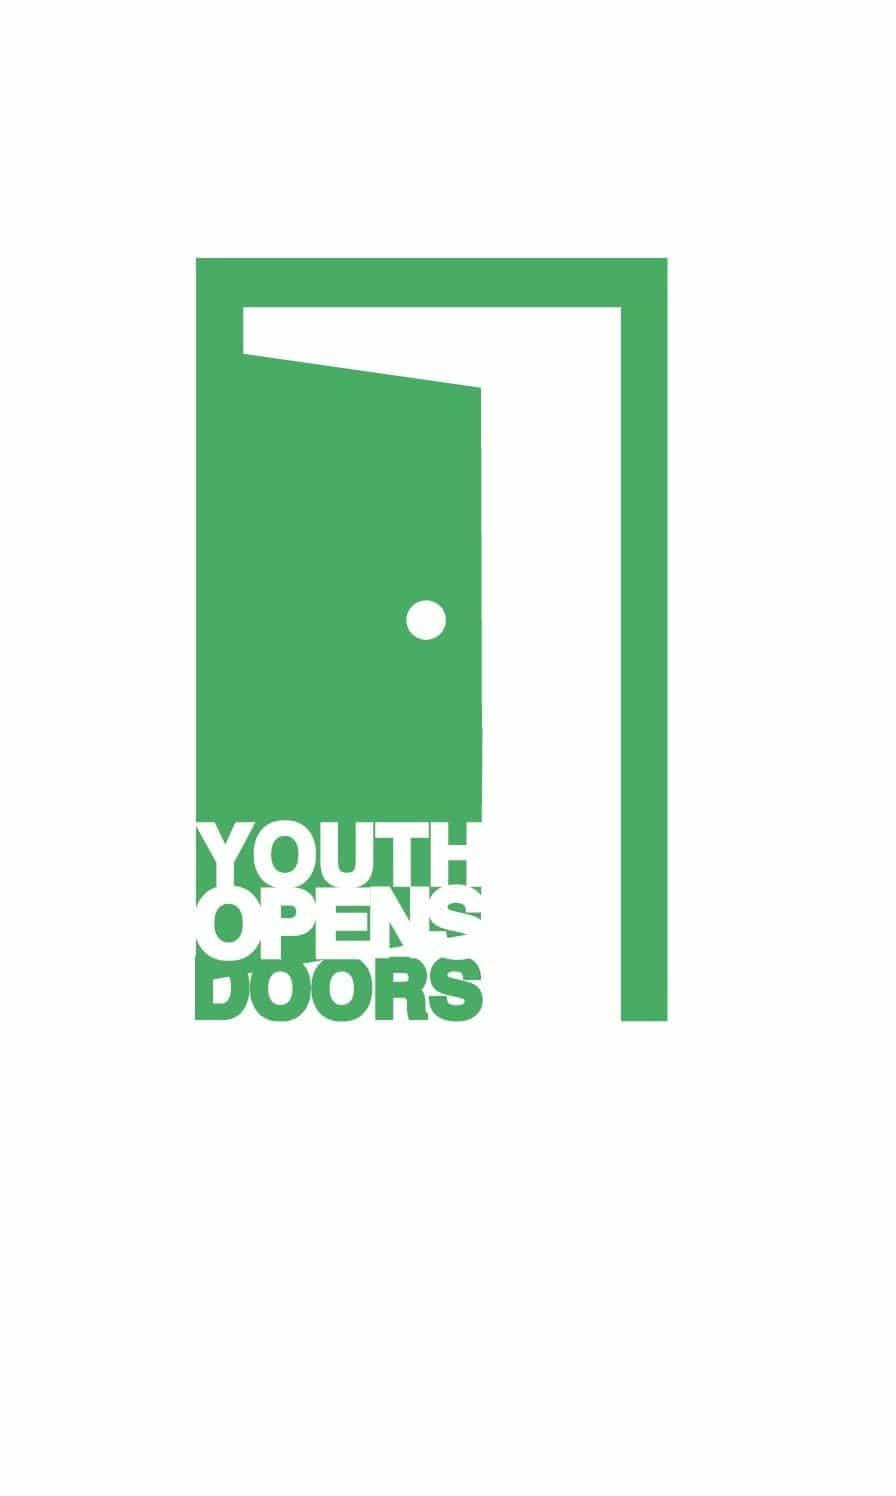 Youth Opens Doors Erasmus - Herencia acogerá a 60 jóvenes europeos con dos proyectos Erasmus+